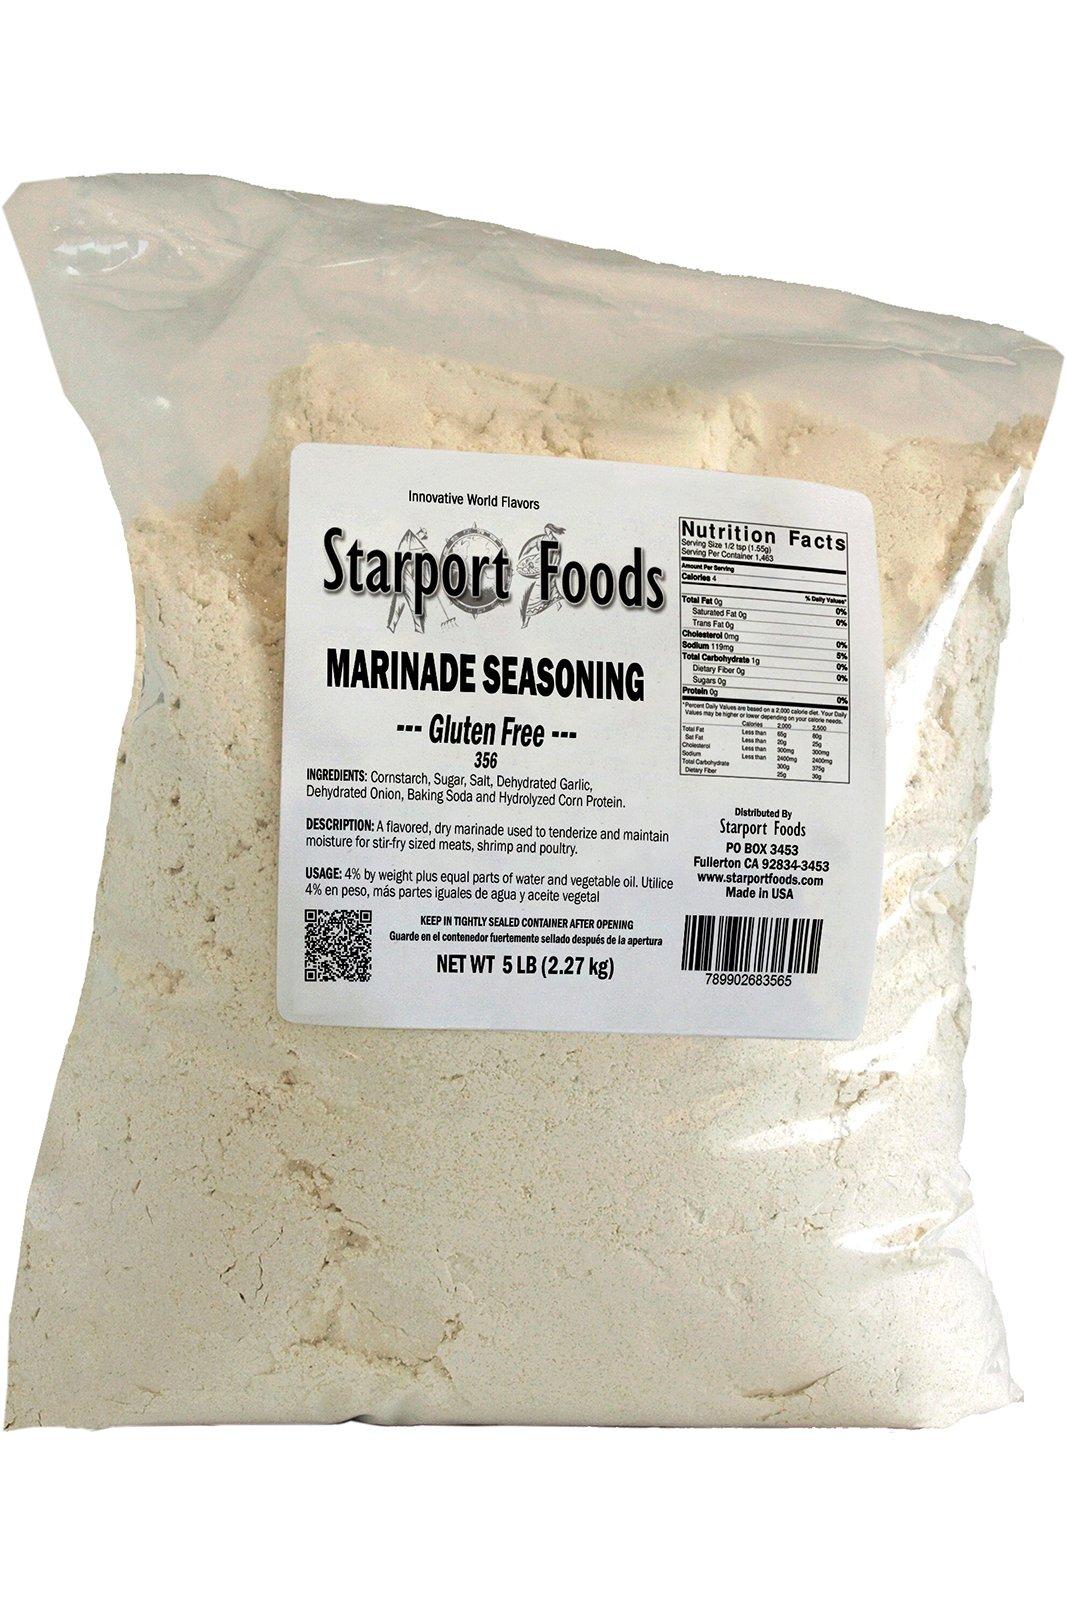 Starport Foods Marinade Seasoning - Gluten Free, 5 lb bag